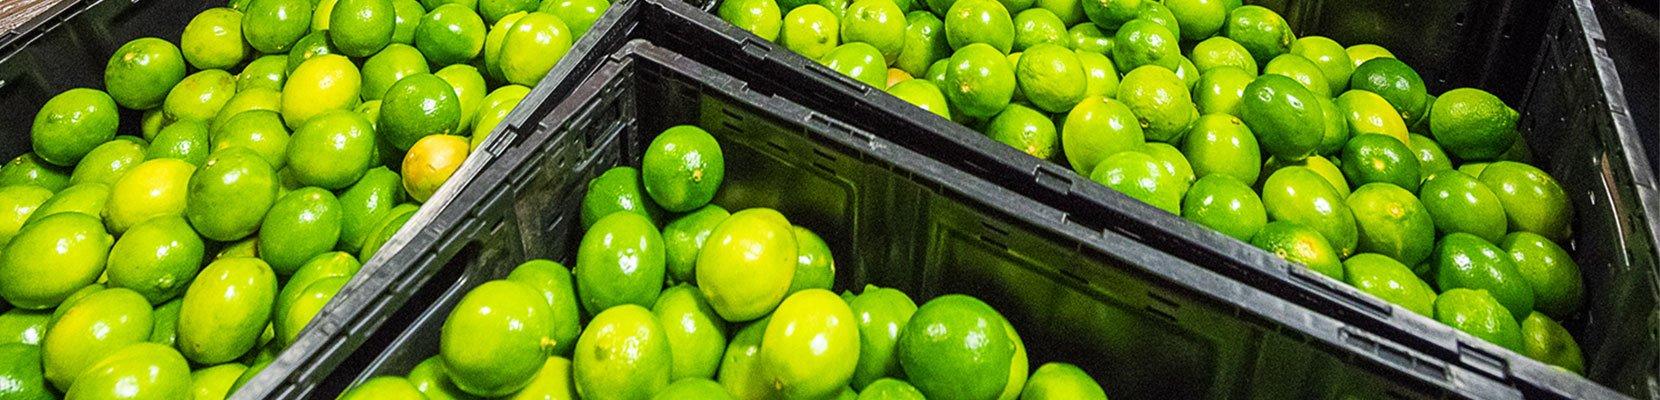 produce-rescue